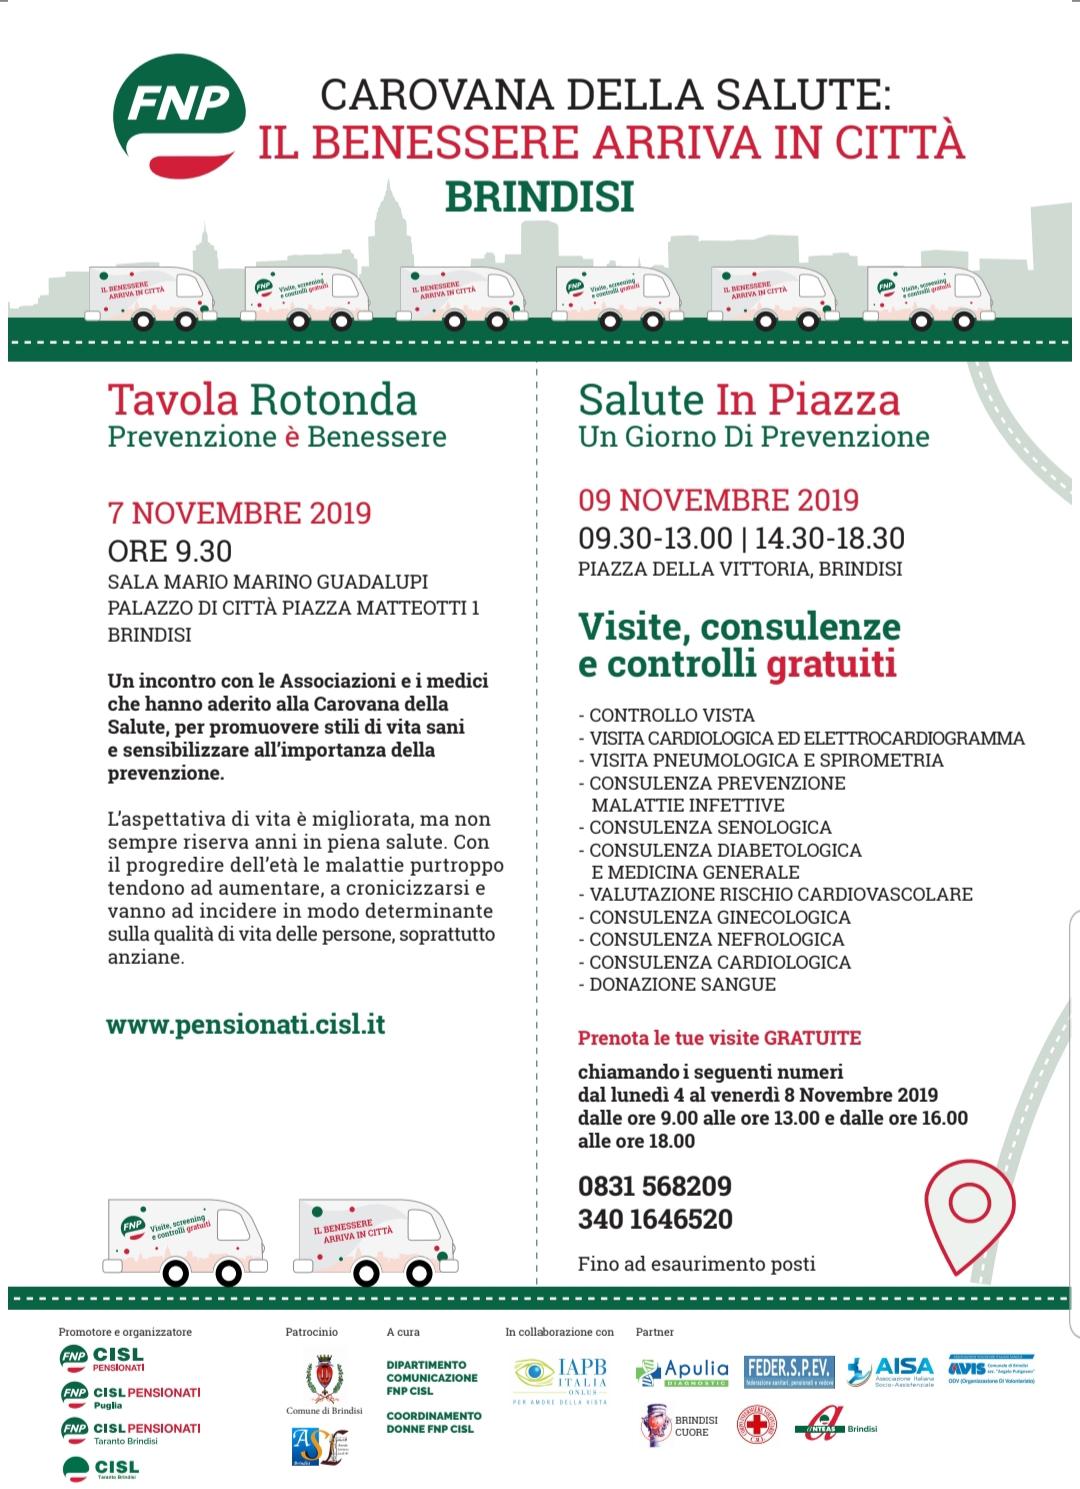 Carovana Della Salute Il Benessere Arriva In Citta New Pam It Informiamo Brindisi E Provincia